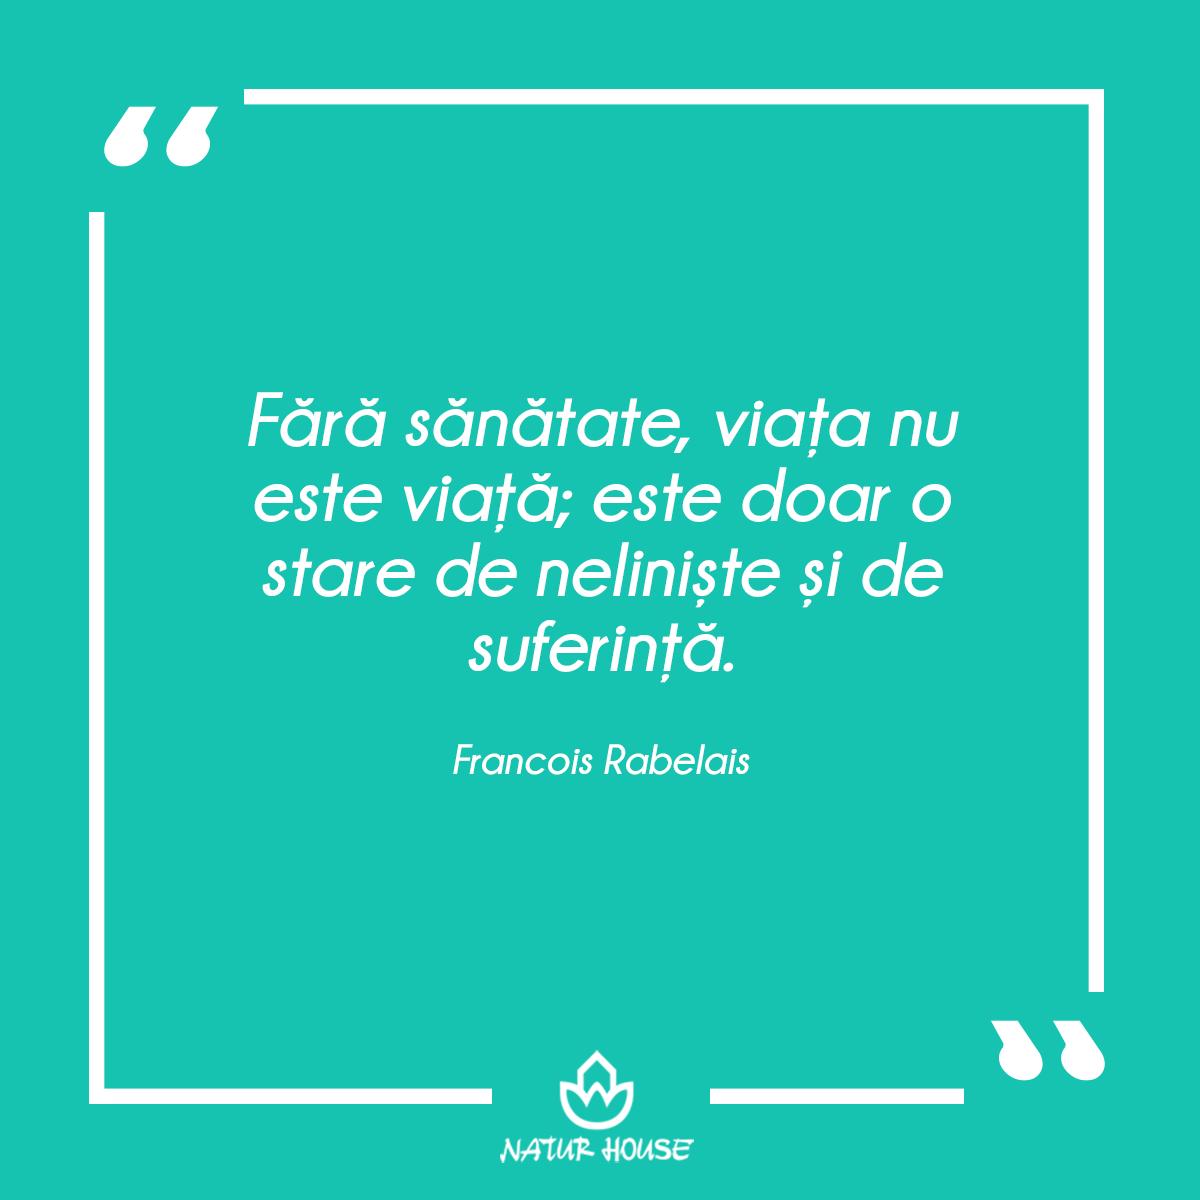 citate sanatate citate #sanatate #motivatie #inspiratie | Motivație pentru o viață  citate sanatate